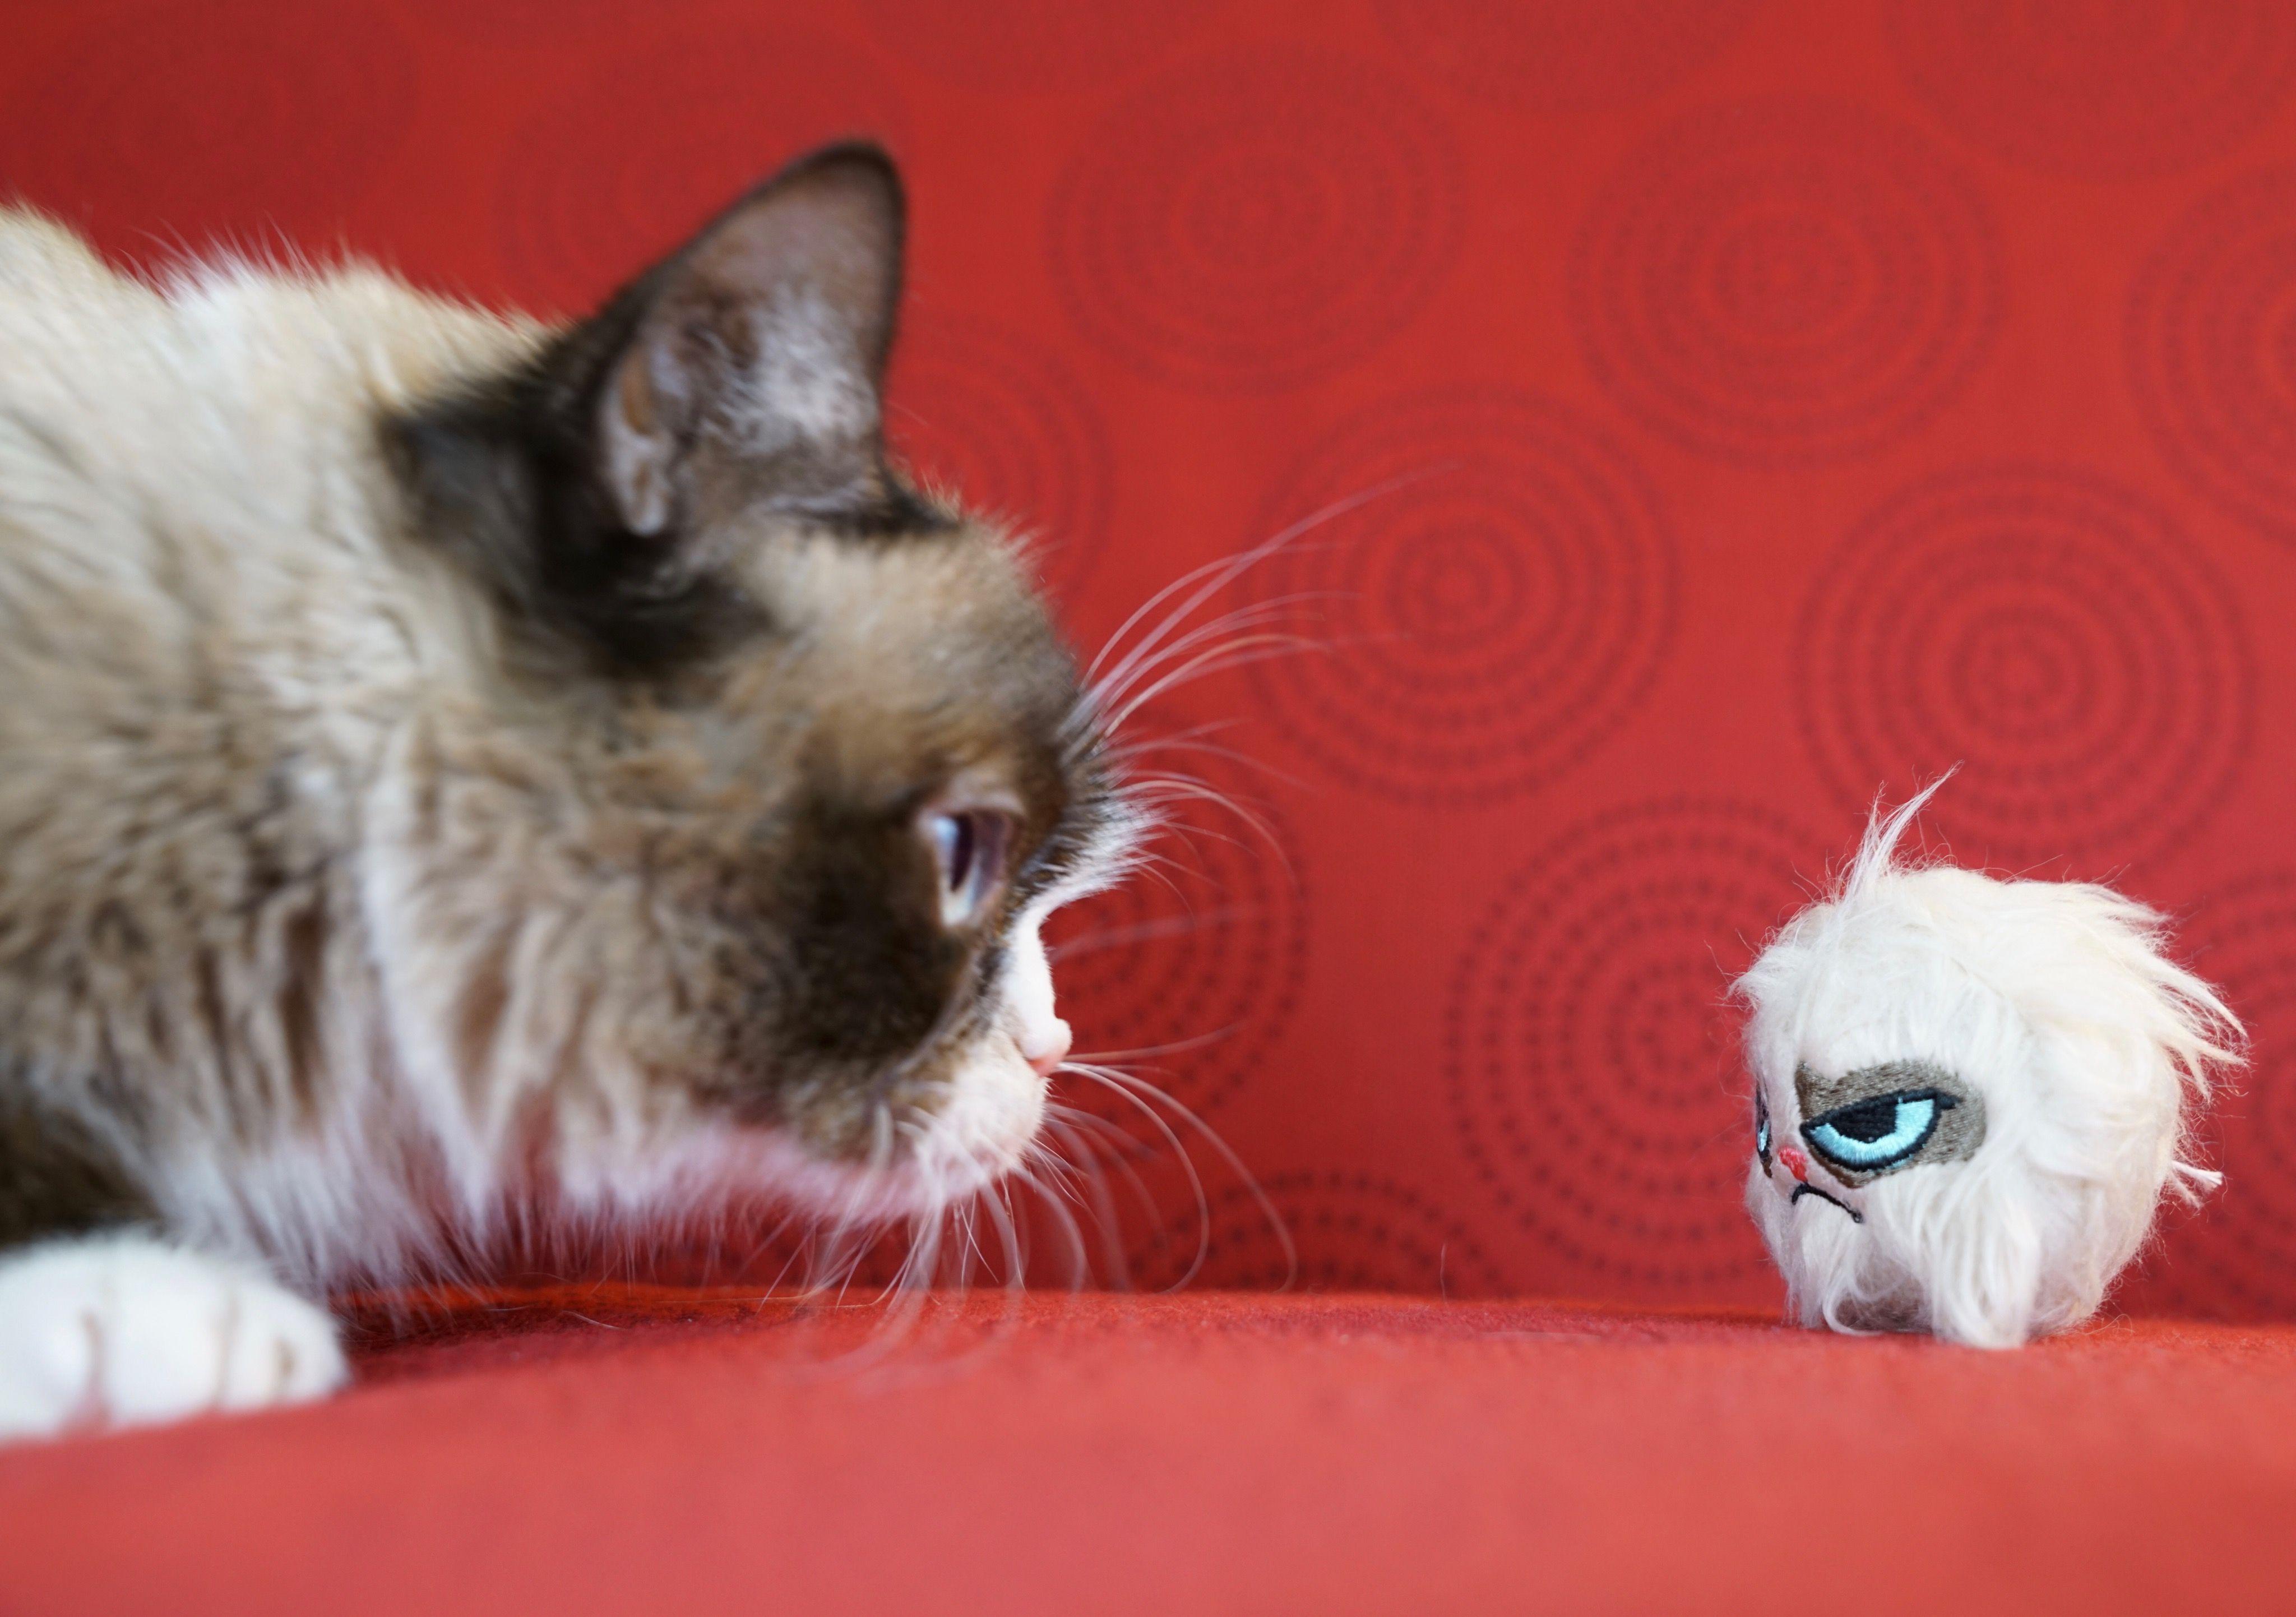 Pin by Dee Repka on gracelyn wants a hamster Cute baby